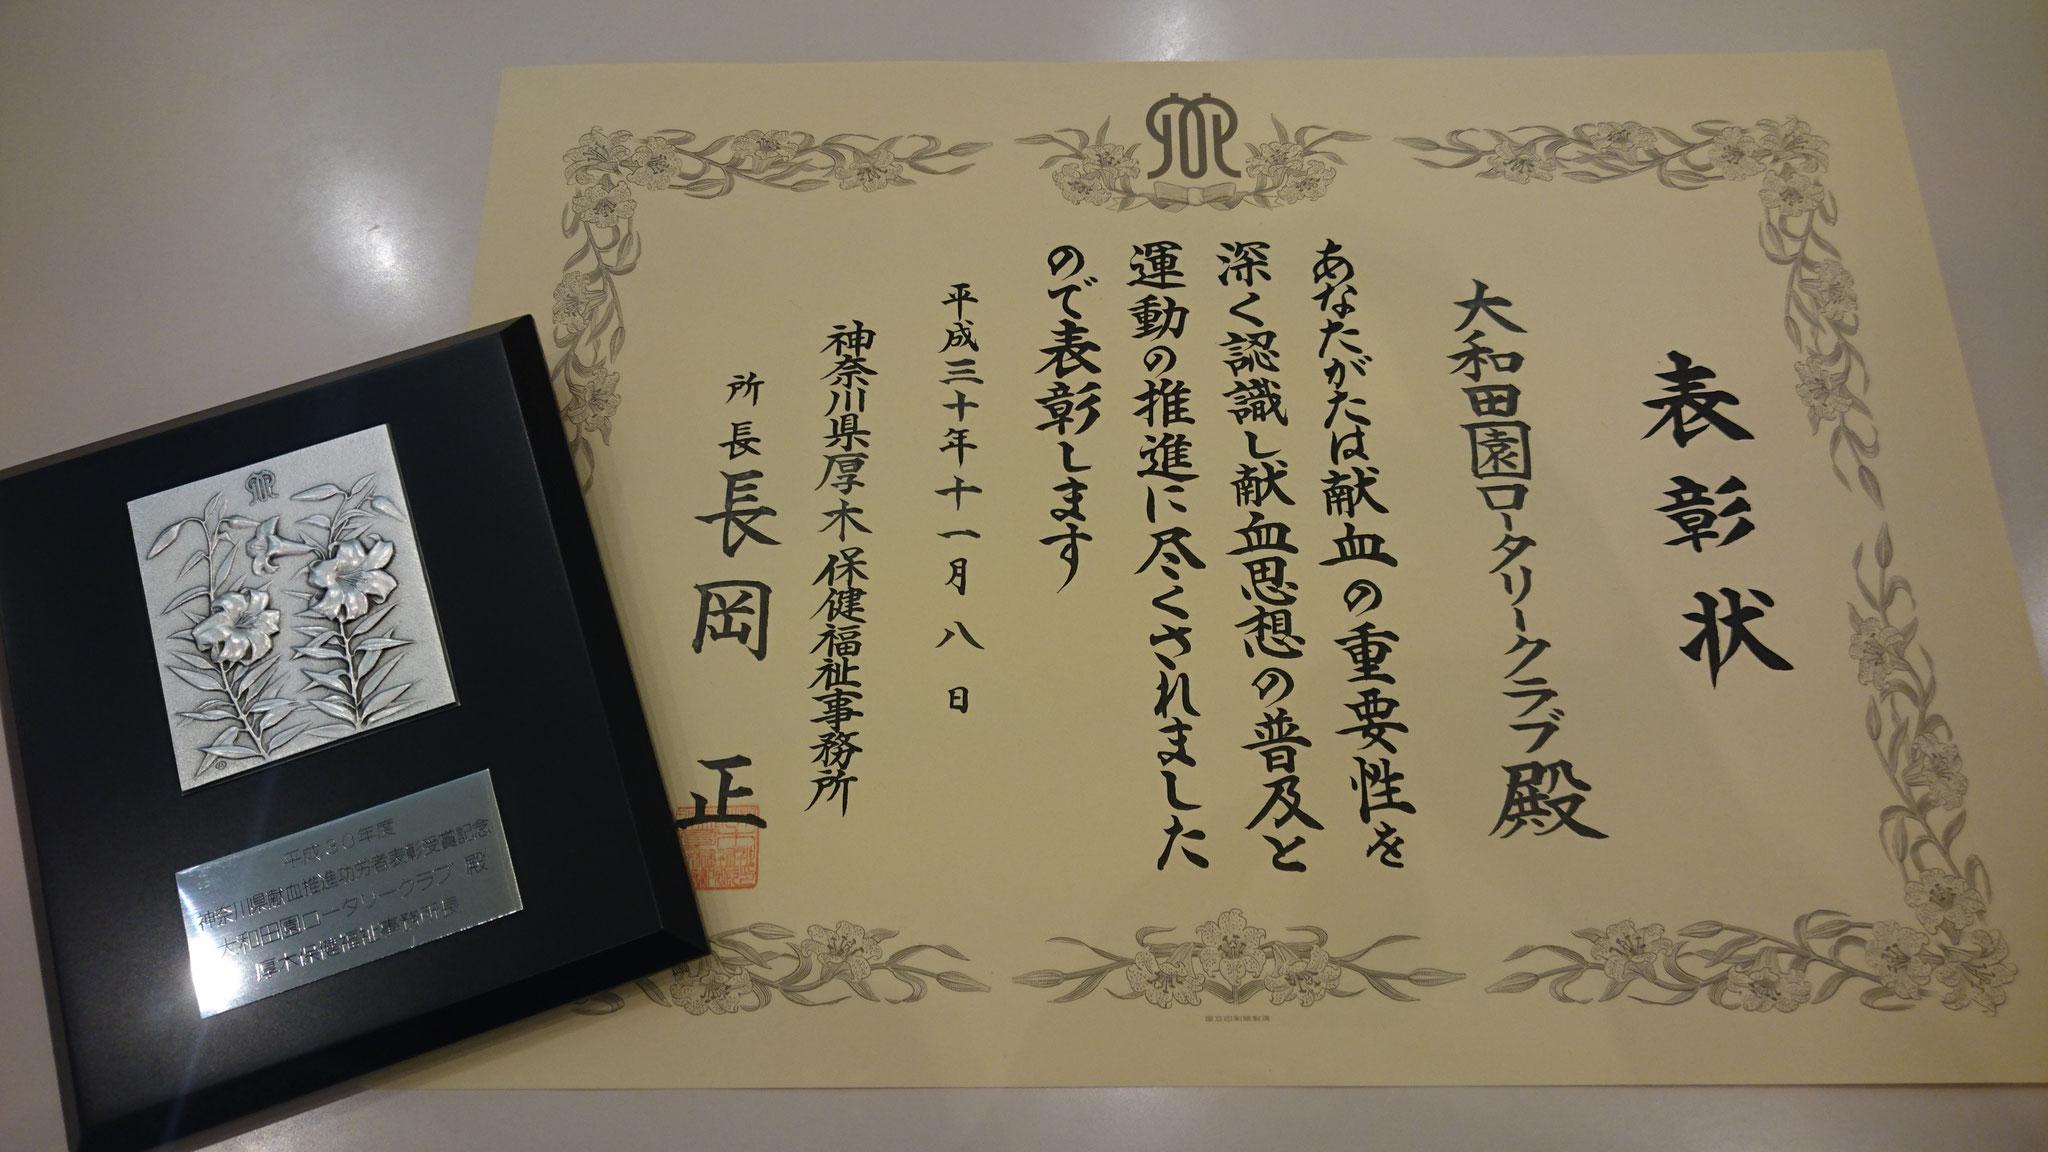 神奈川県厚木保健福祉事務所より、献血普及運動に対して表彰されました。